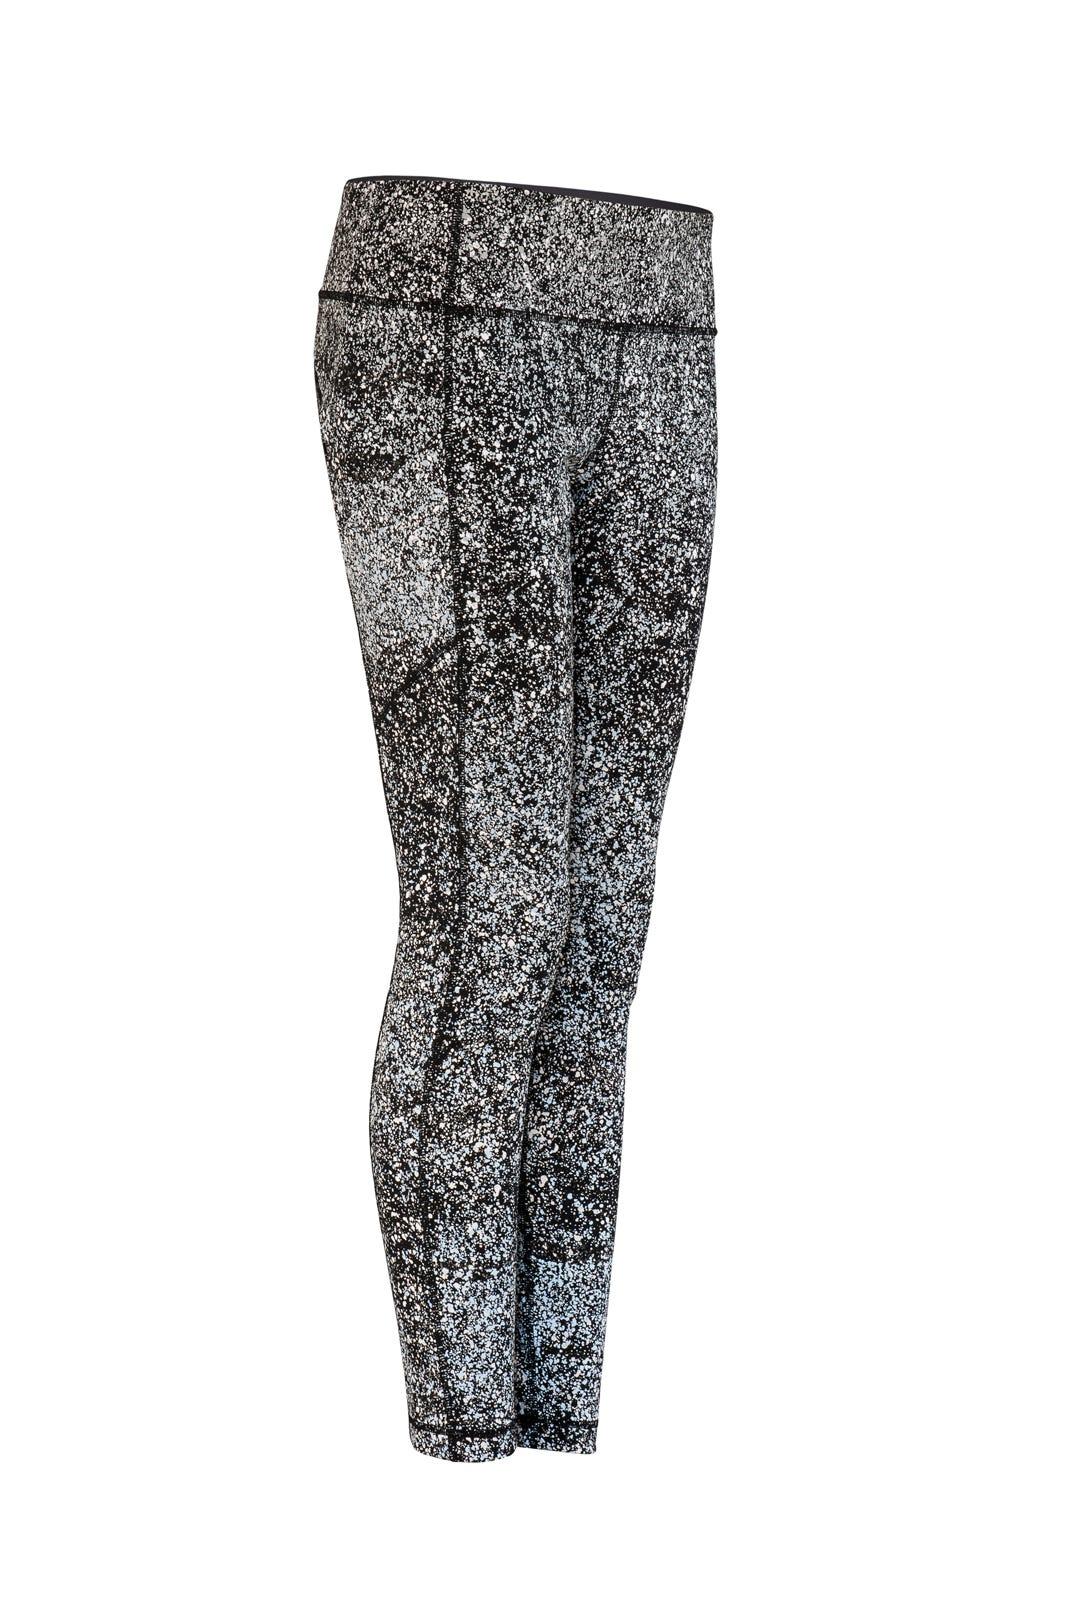 b44bafcad Lululemon Reflective Splatter Leggings Workout Clothes